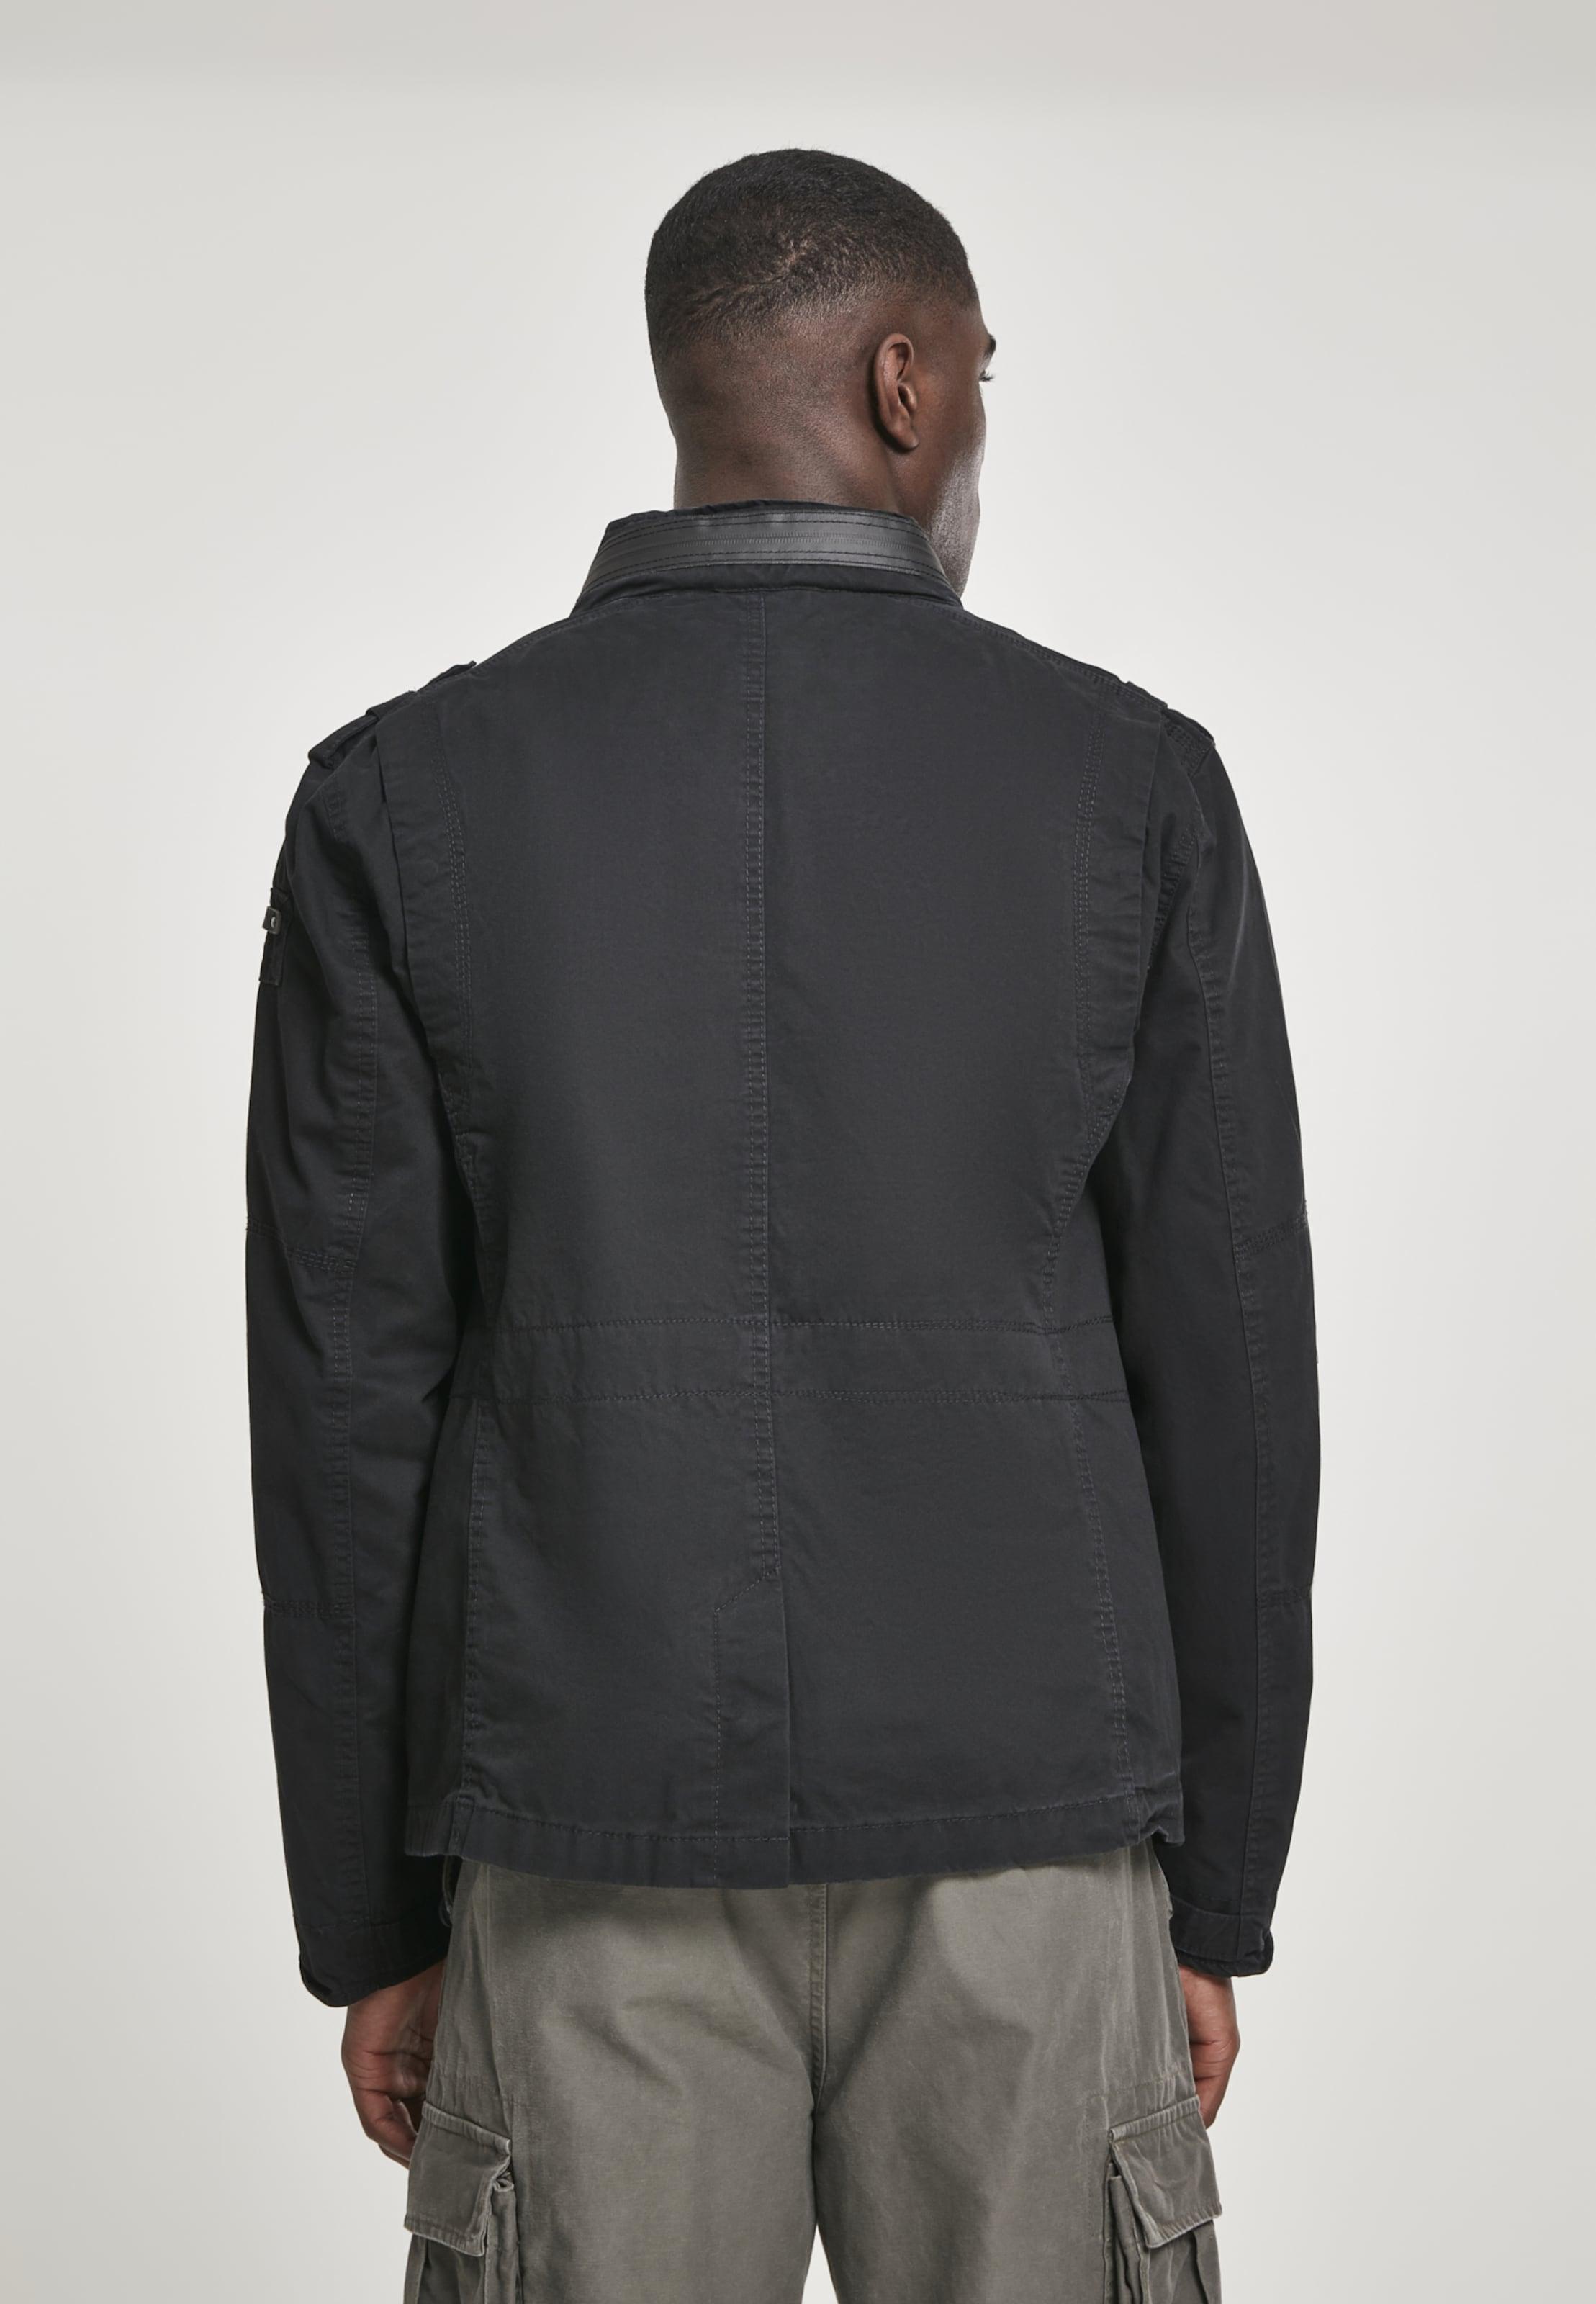 Jacket Jacket Brandit Schwarz 'britannia' Brandit In Schwarz Brandit 'britannia' In OZiukTPX